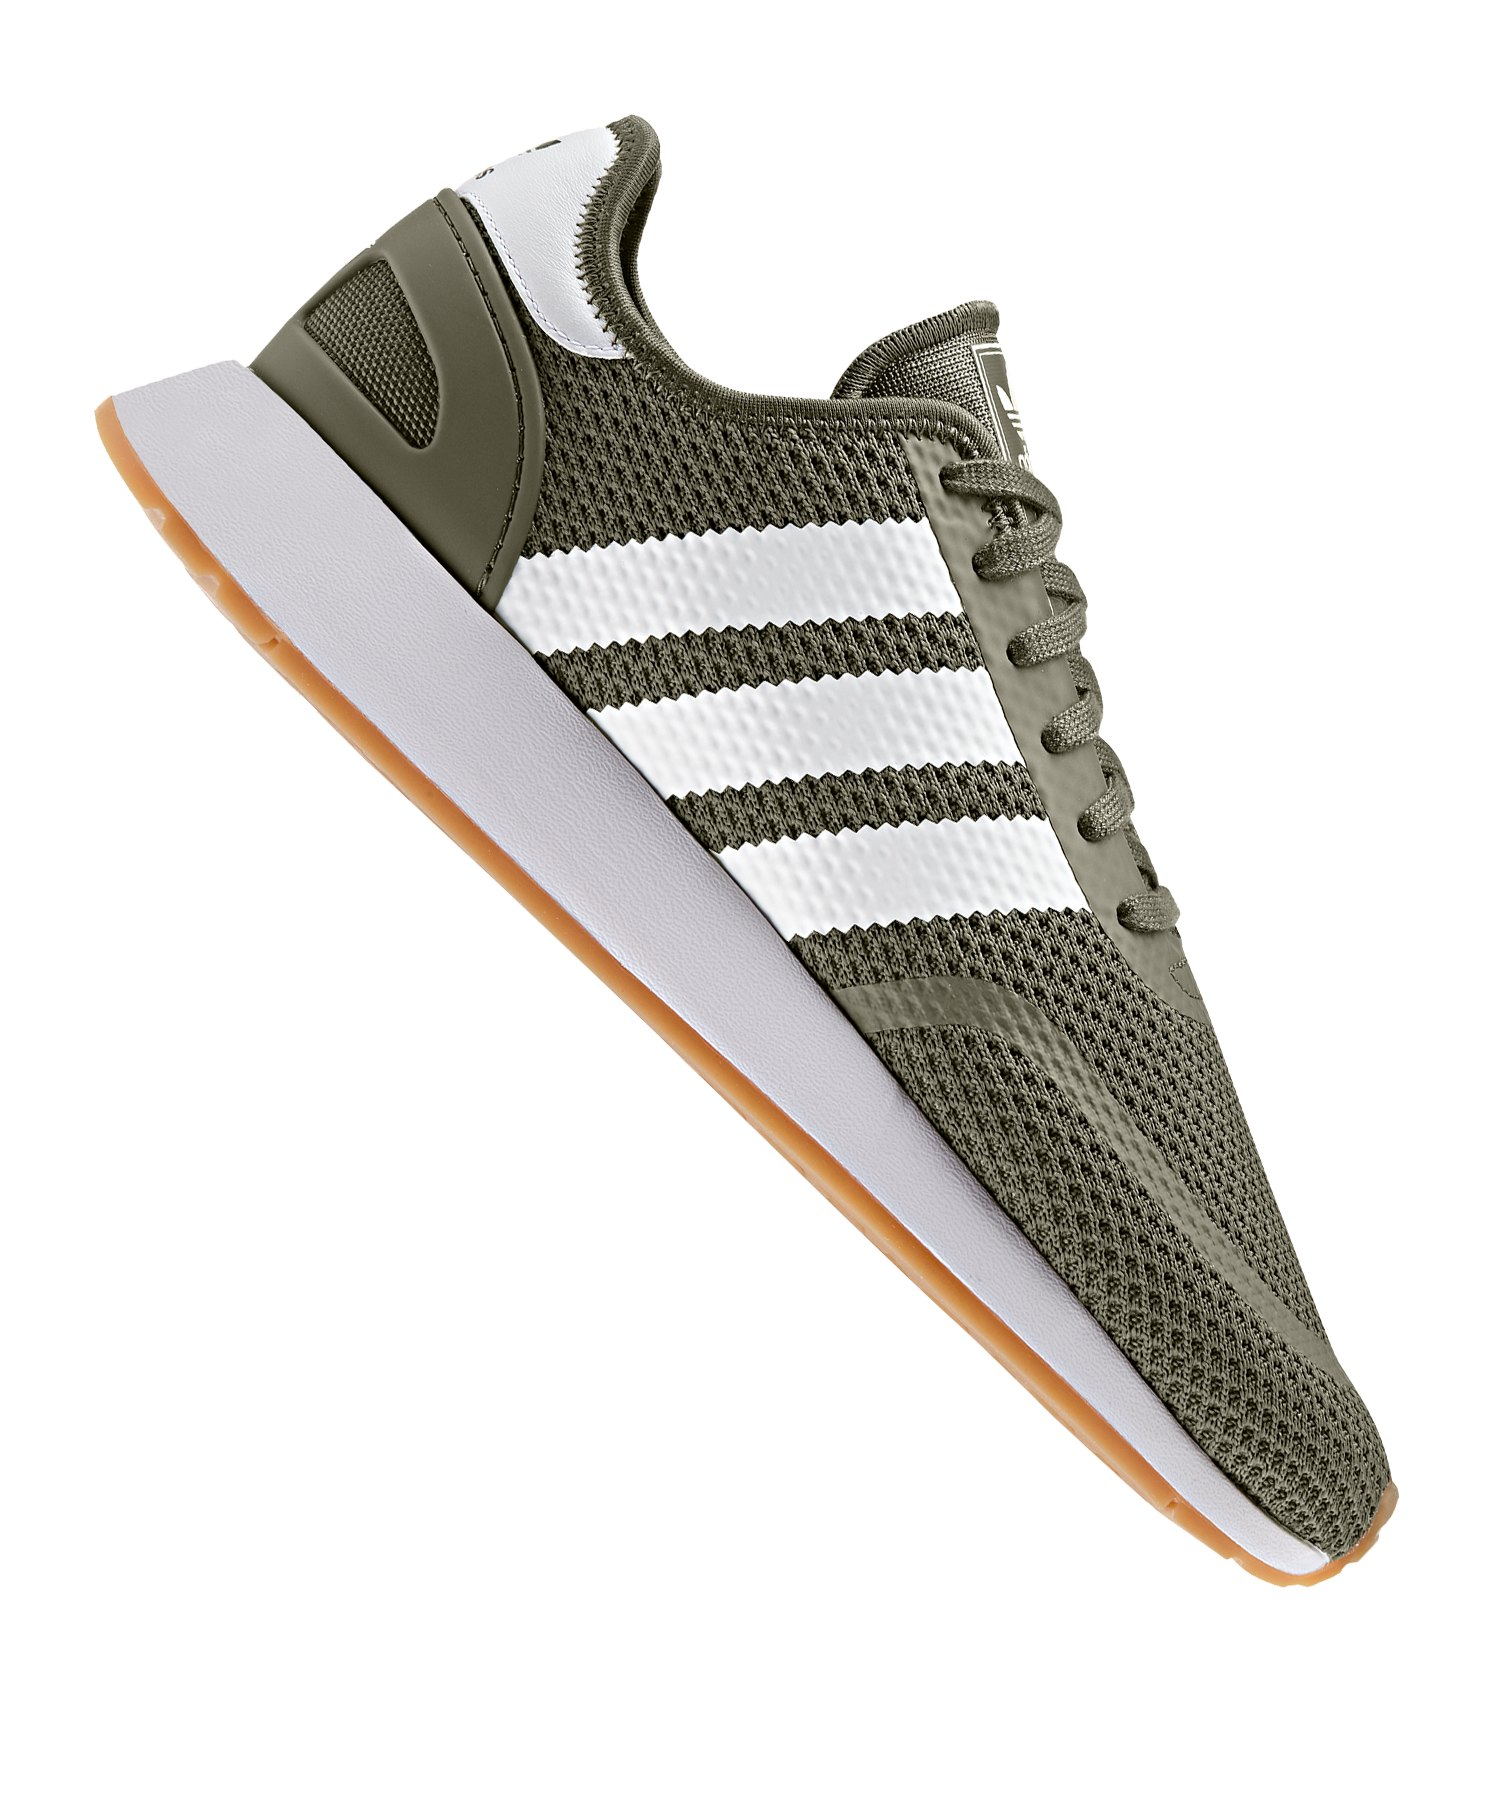 üppiges Design einzigartiger Stil schnelle Farbe adidas Originals N-5923 Sneaker Grün Weiss